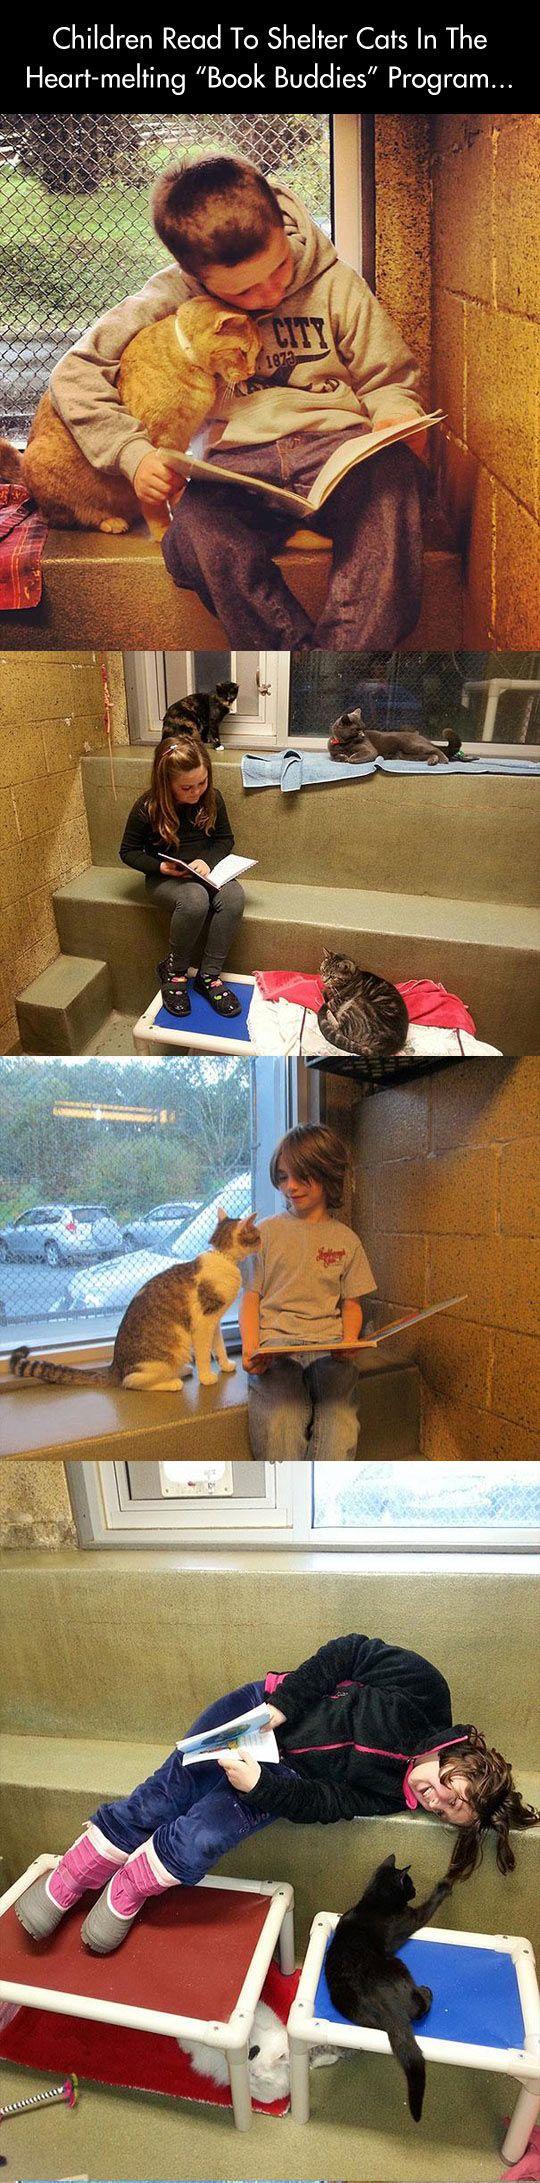 На западе есть даже специальная программа для детей, когда они приходят в приют для кошек и читают им детские книжки.